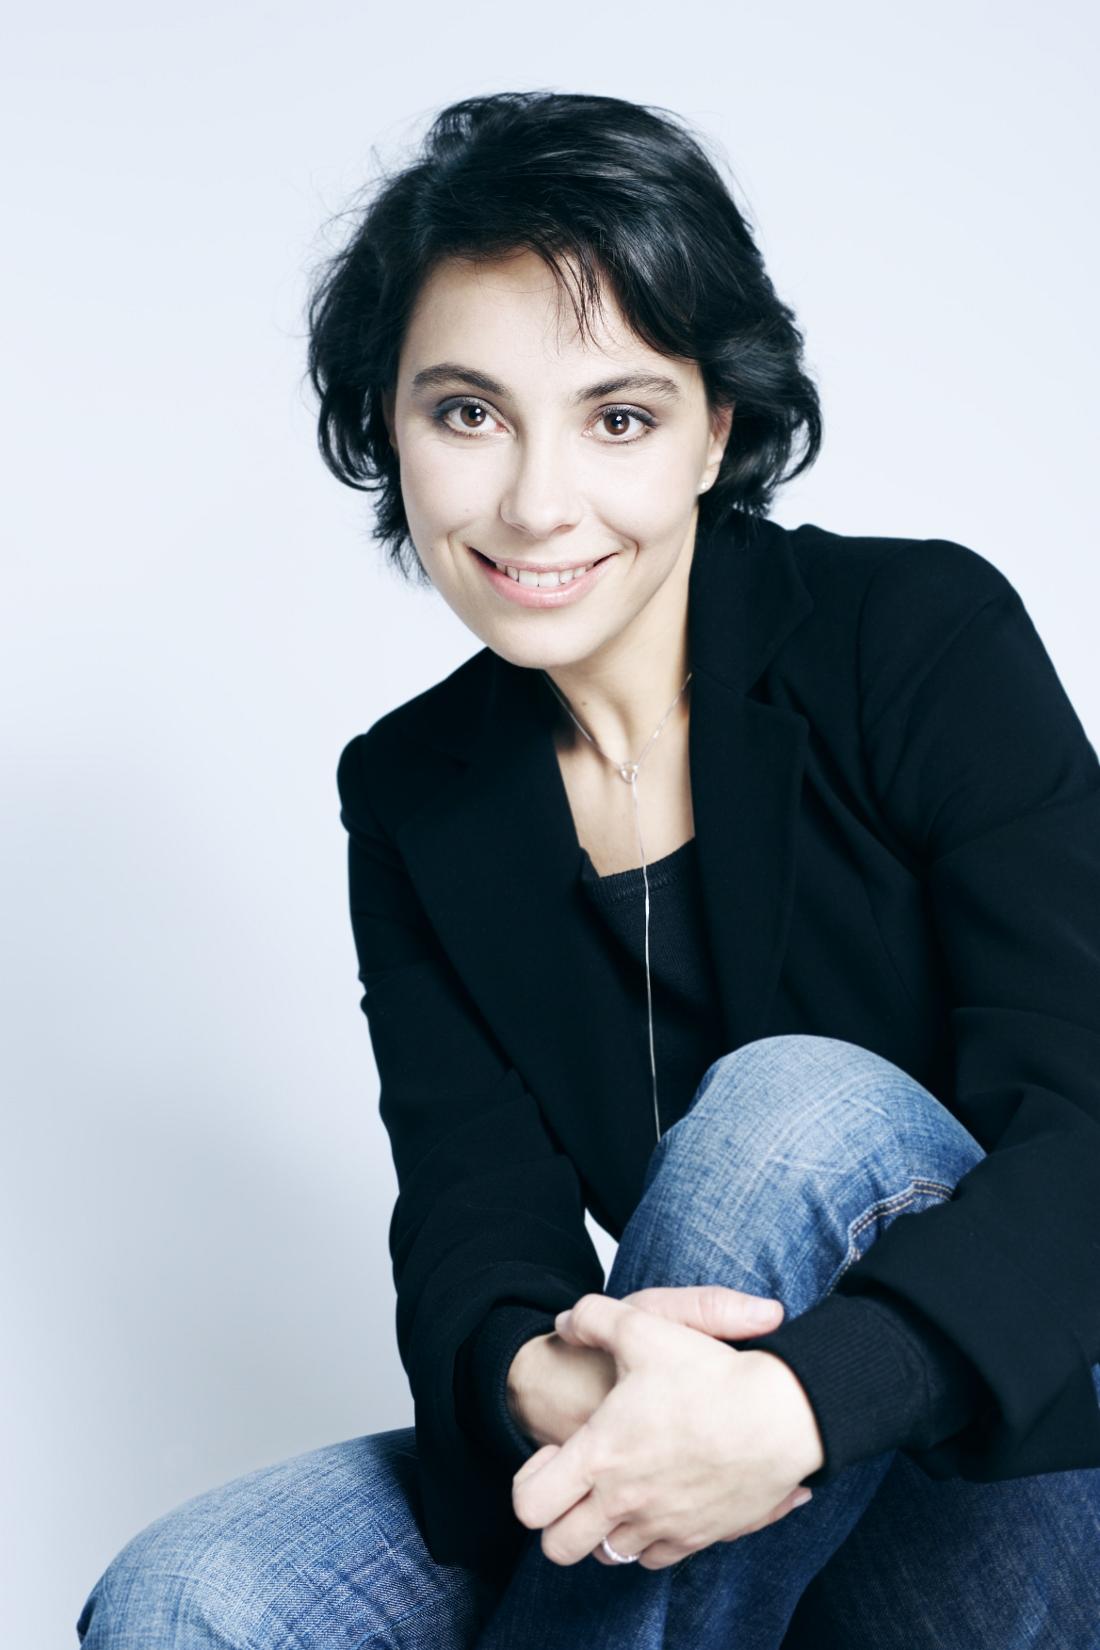 מריה מאירוביץ' צילום יחצ (2)